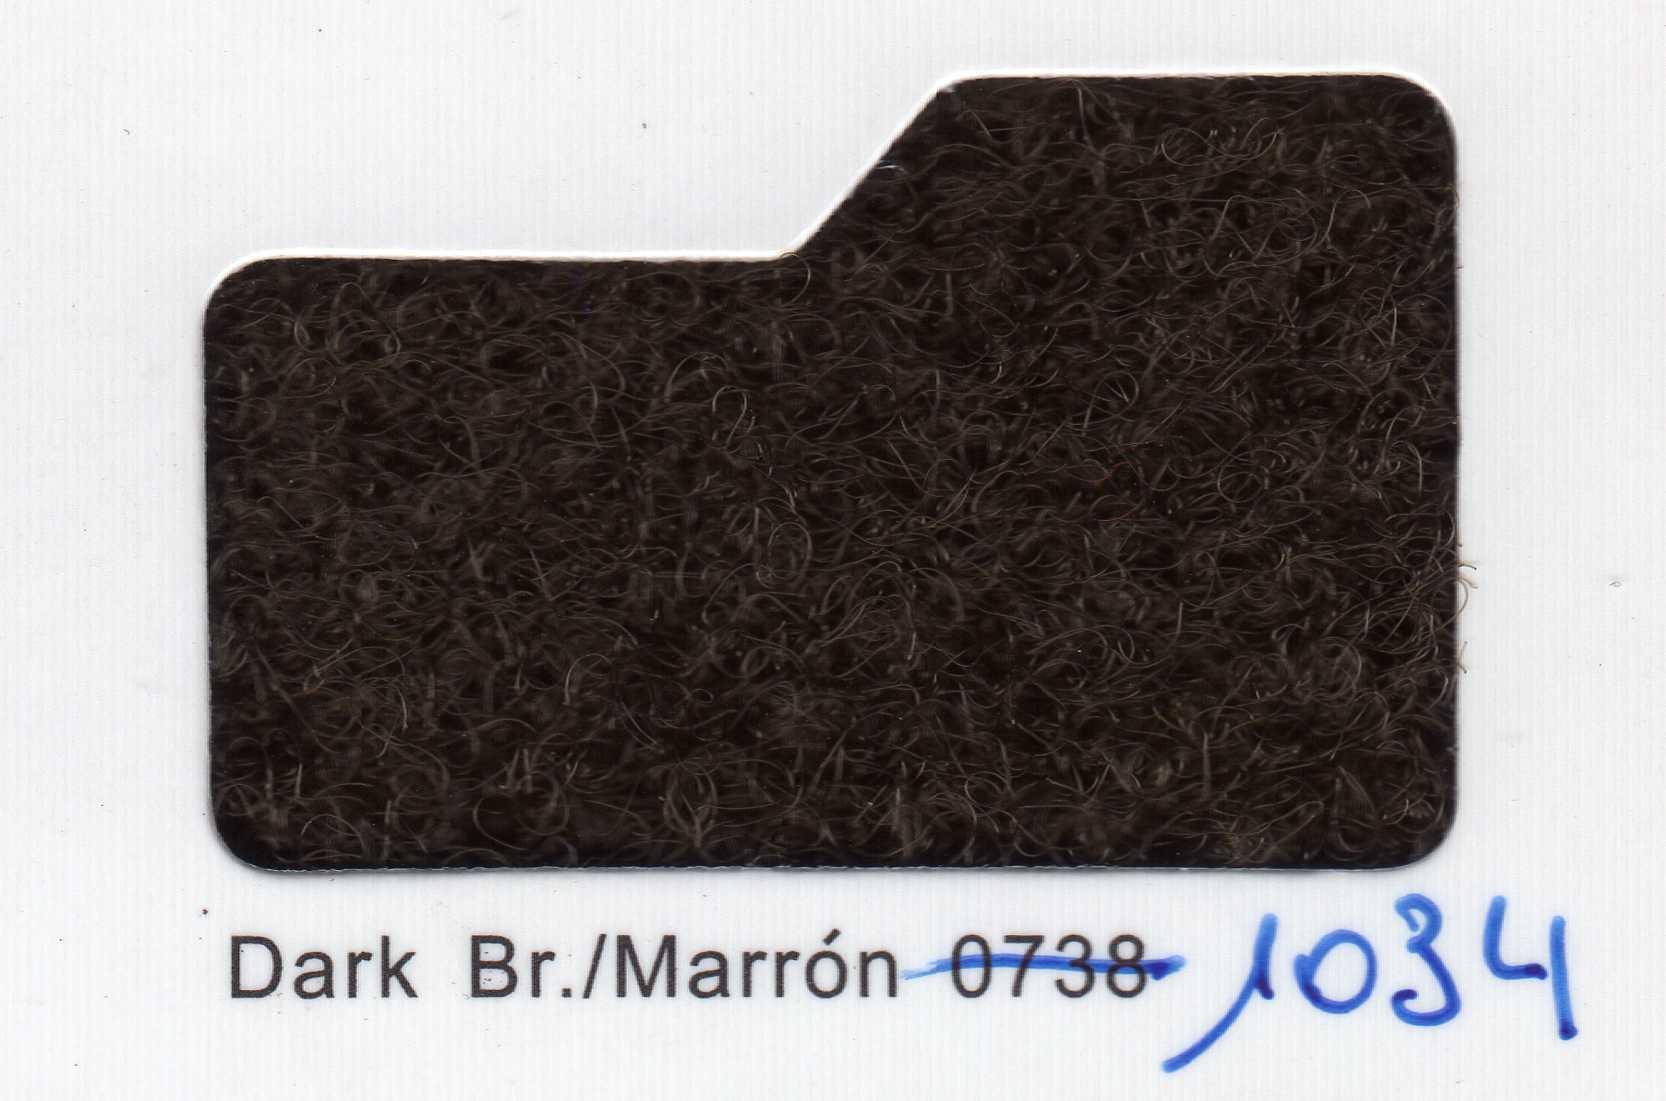 Cinta de cierre Velcro-Veraco 50mm Marrón 1034 (Rizo).